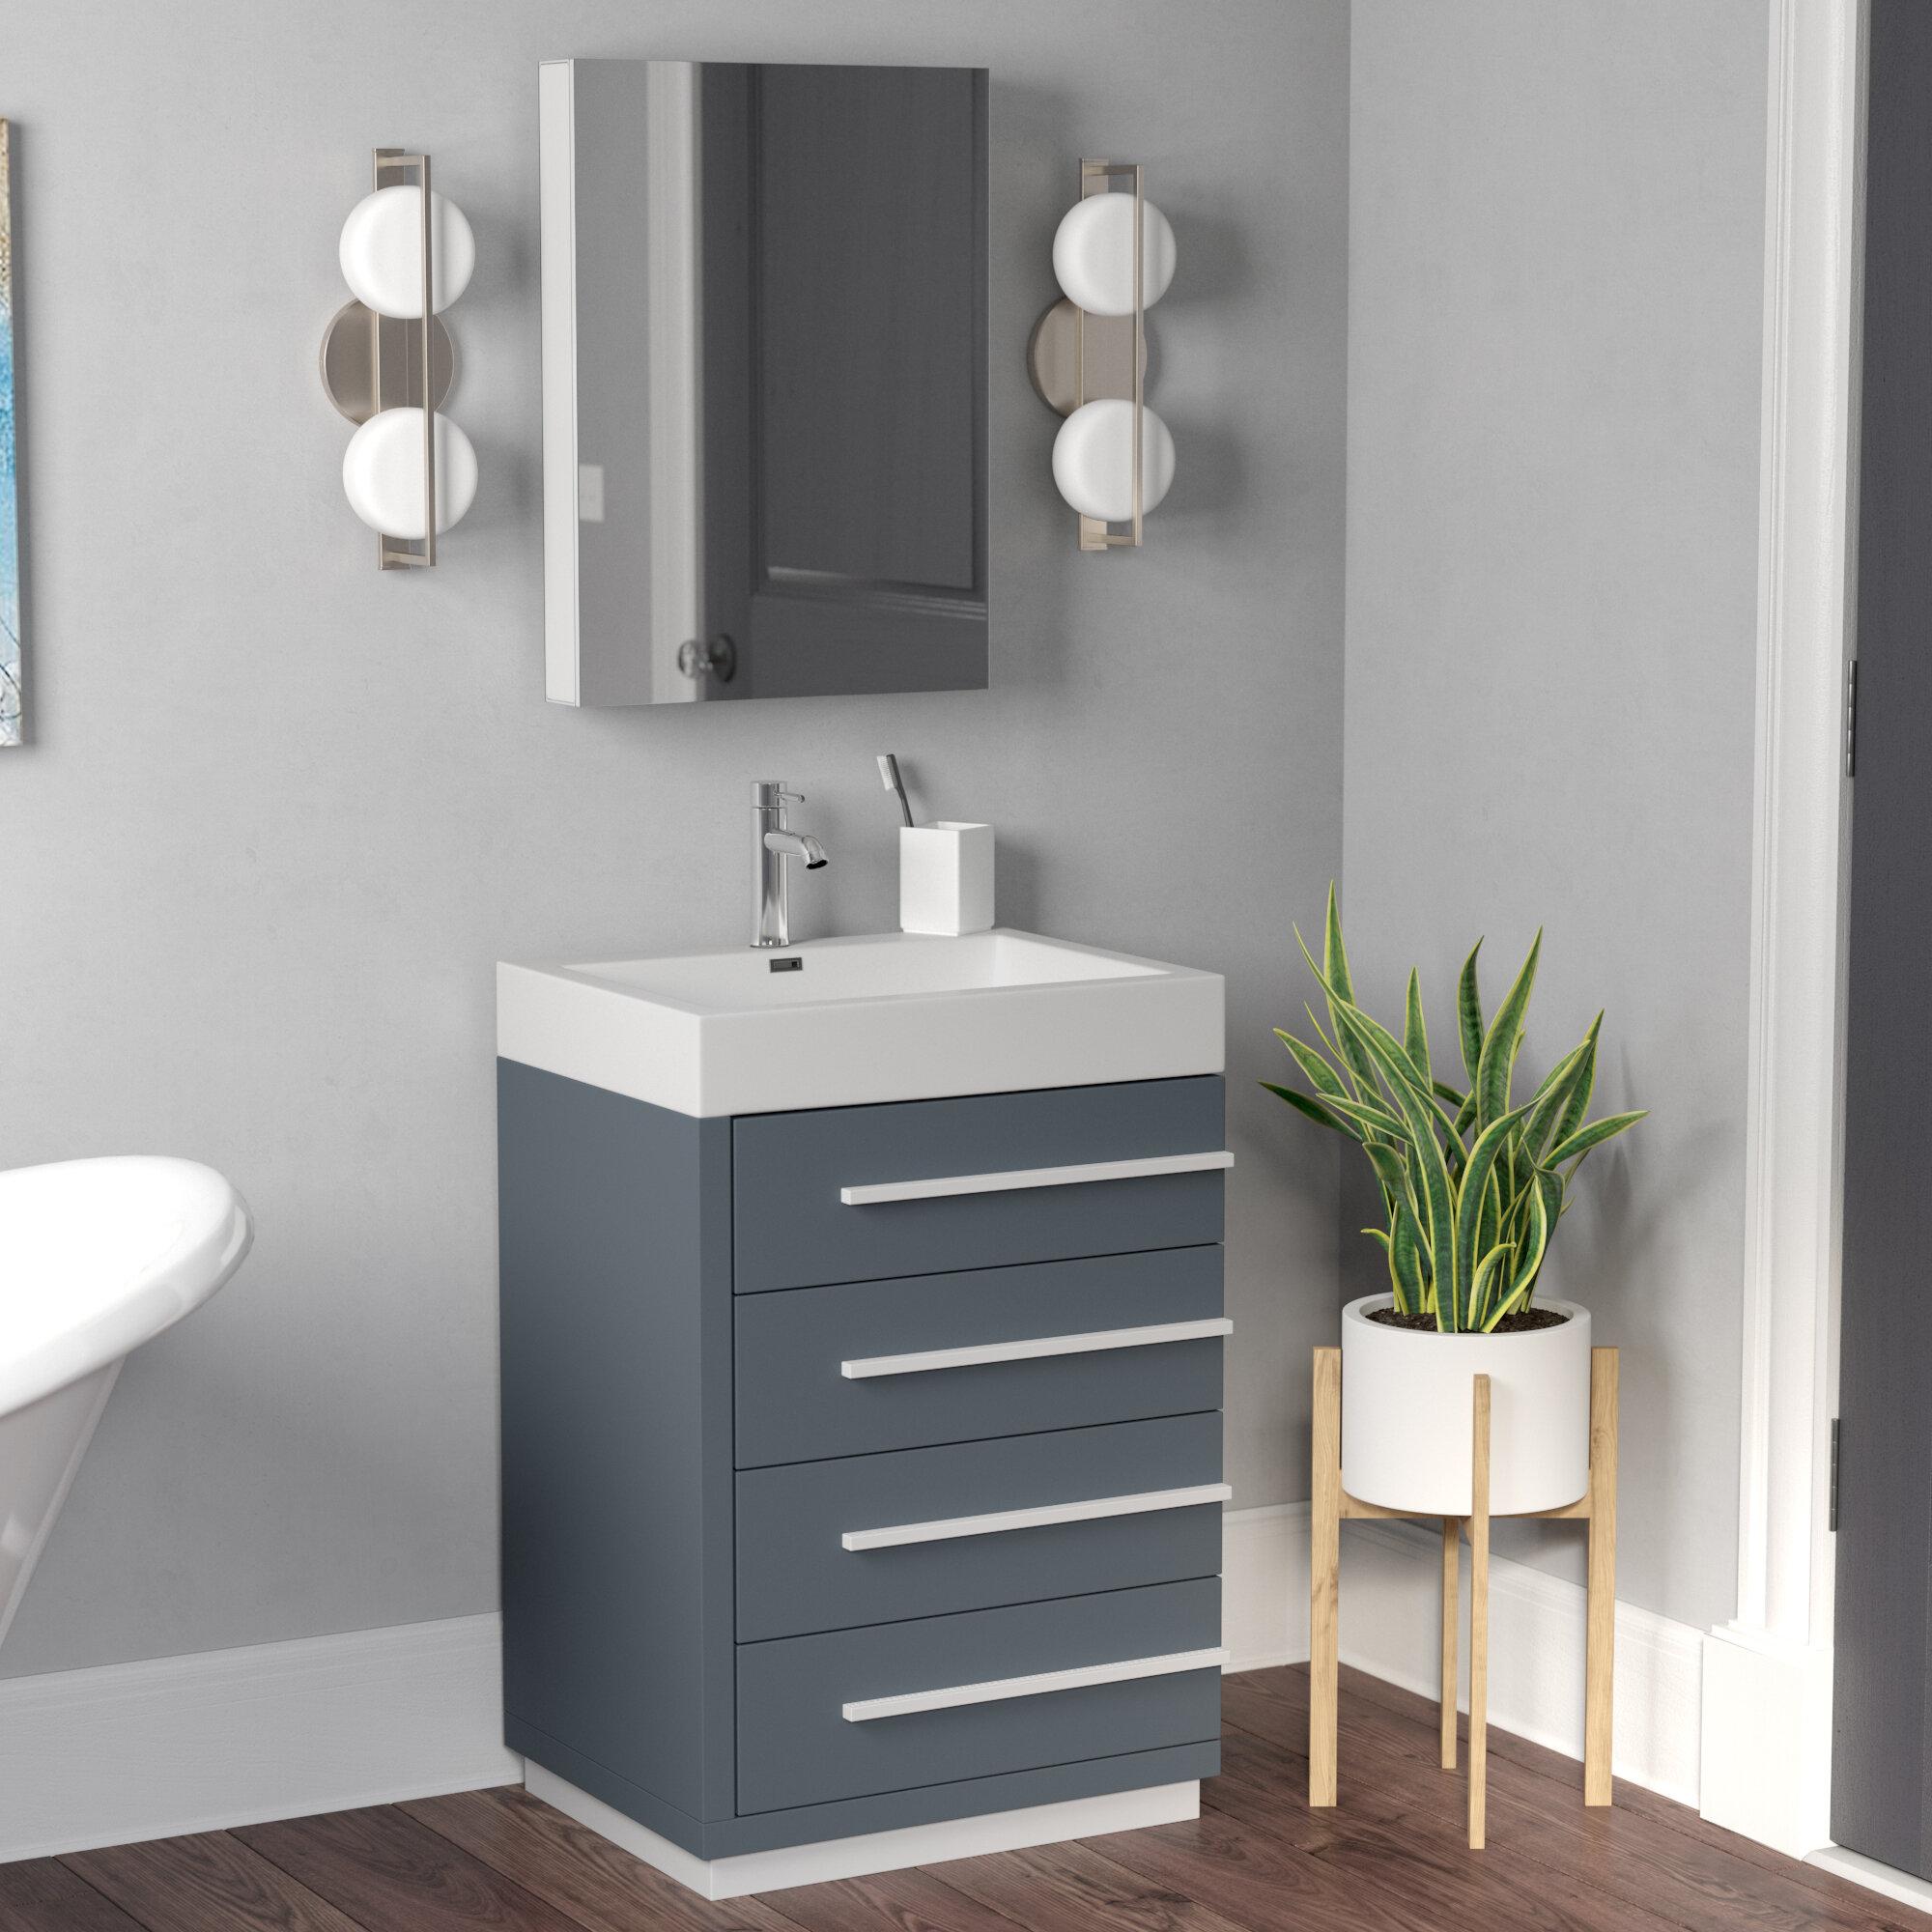 Brayden Studio Copher 23 Single Bathroom Vanity Set With White Top And Mirror Reviews Wayfair